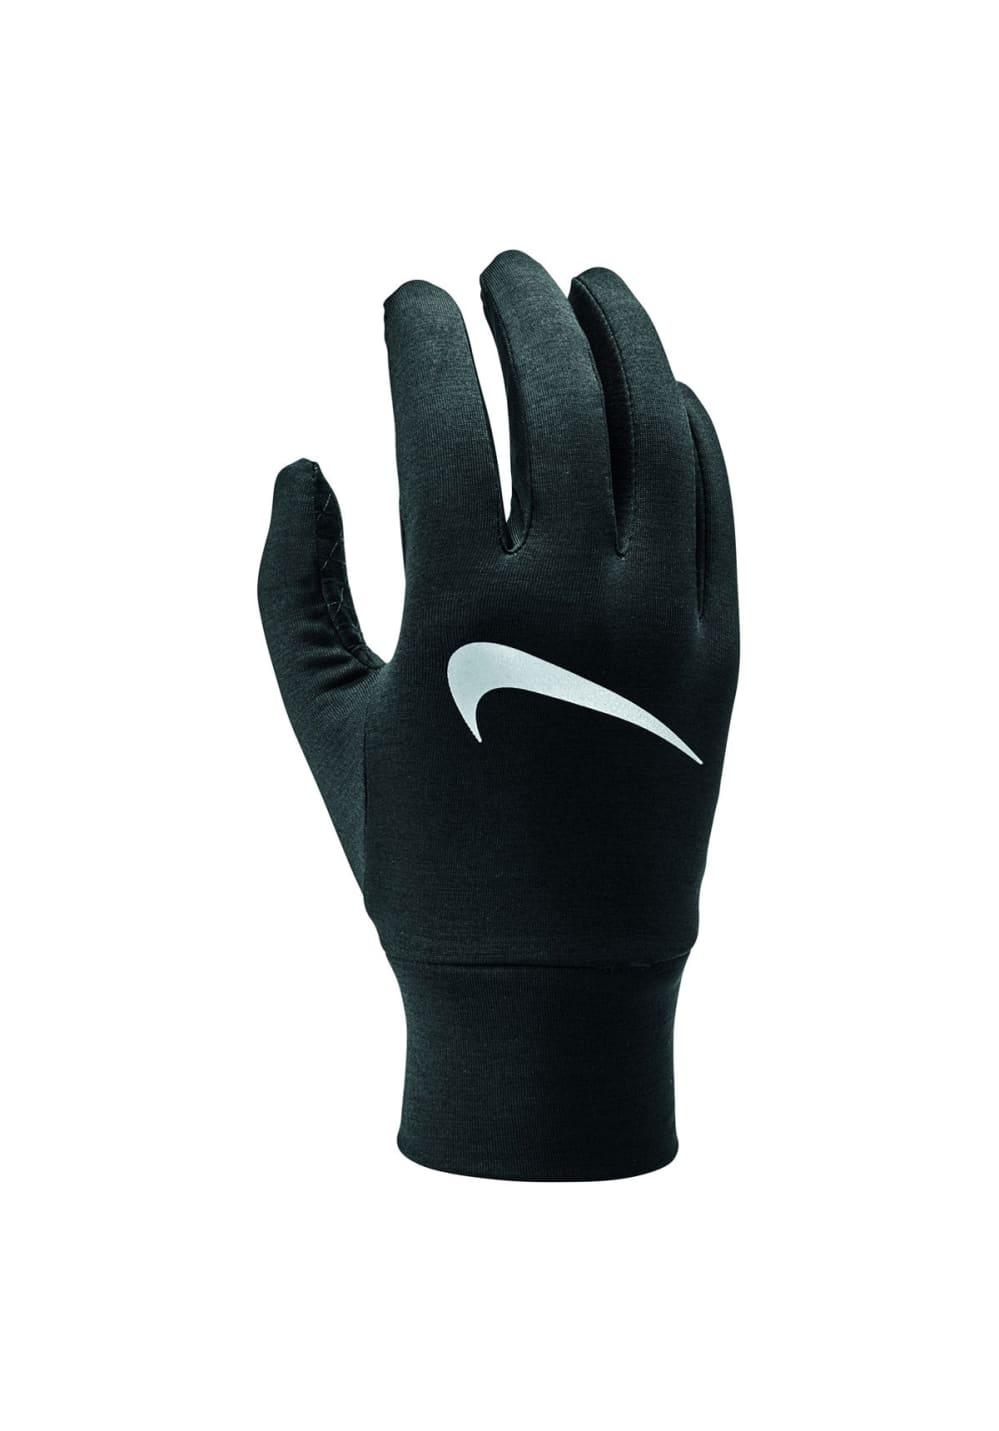 Handschuhe für Frauen - Nike Dry Element Running Gloves Laufhandschuhe für Damen Schwarz  - Onlineshop 21Run